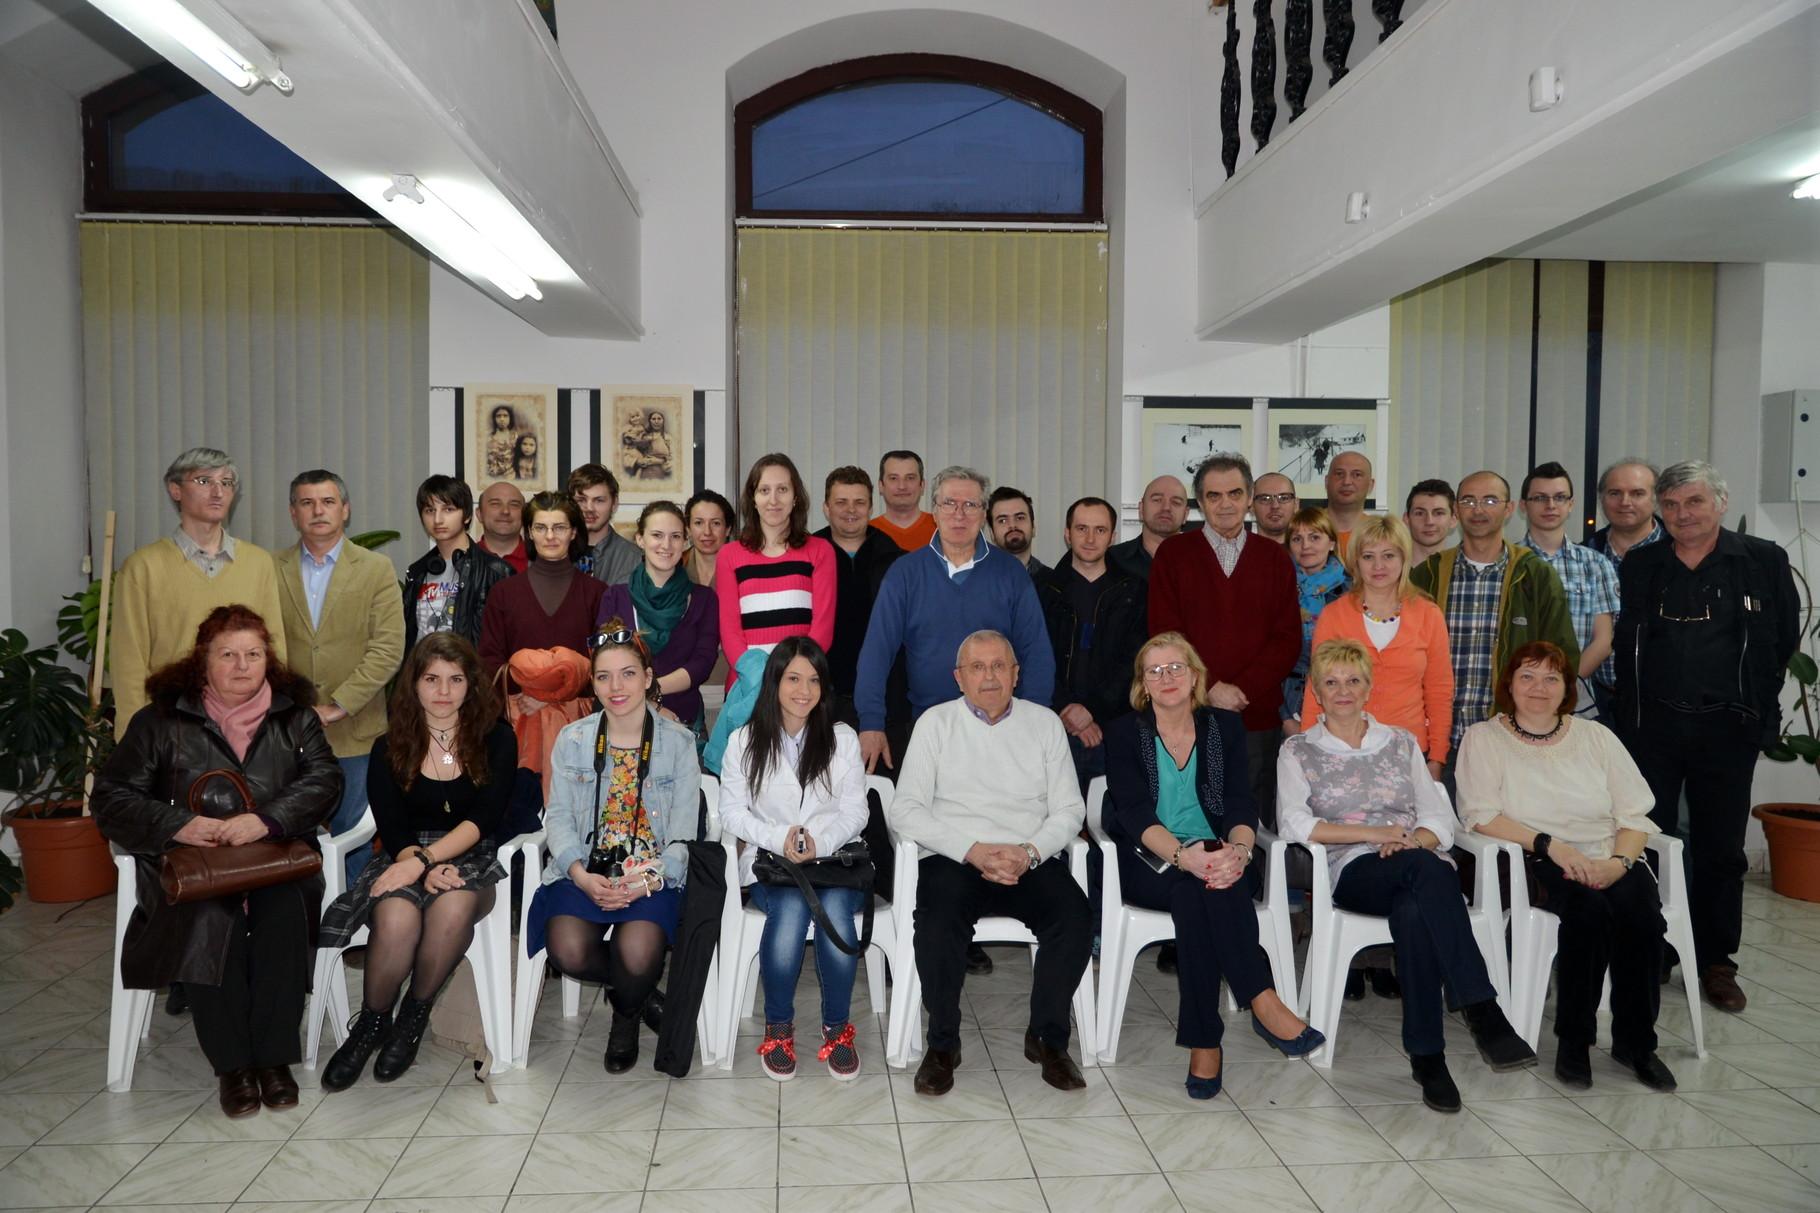 2014.25.03 - Oradea (RO)